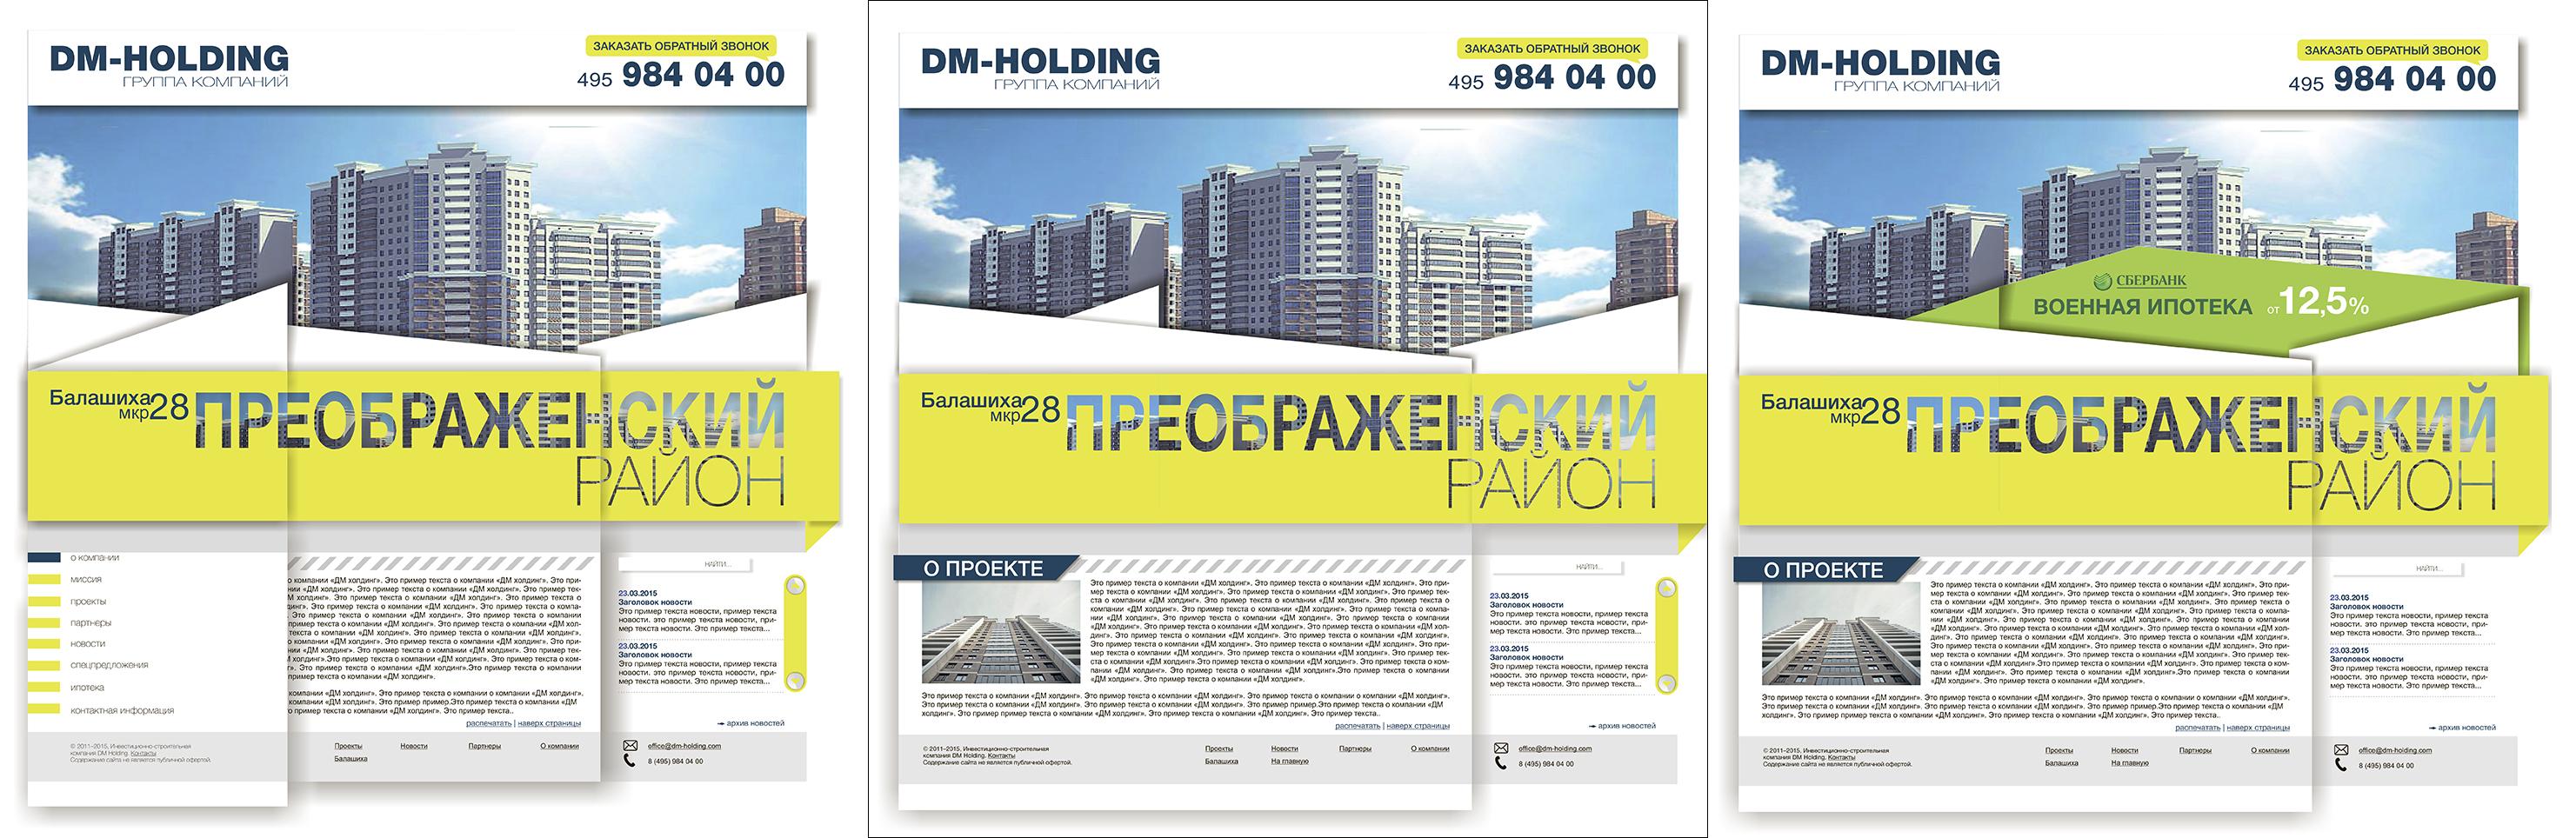 Редизайн сайта компании застройщика фото f_3545518866e8a7a5.jpg